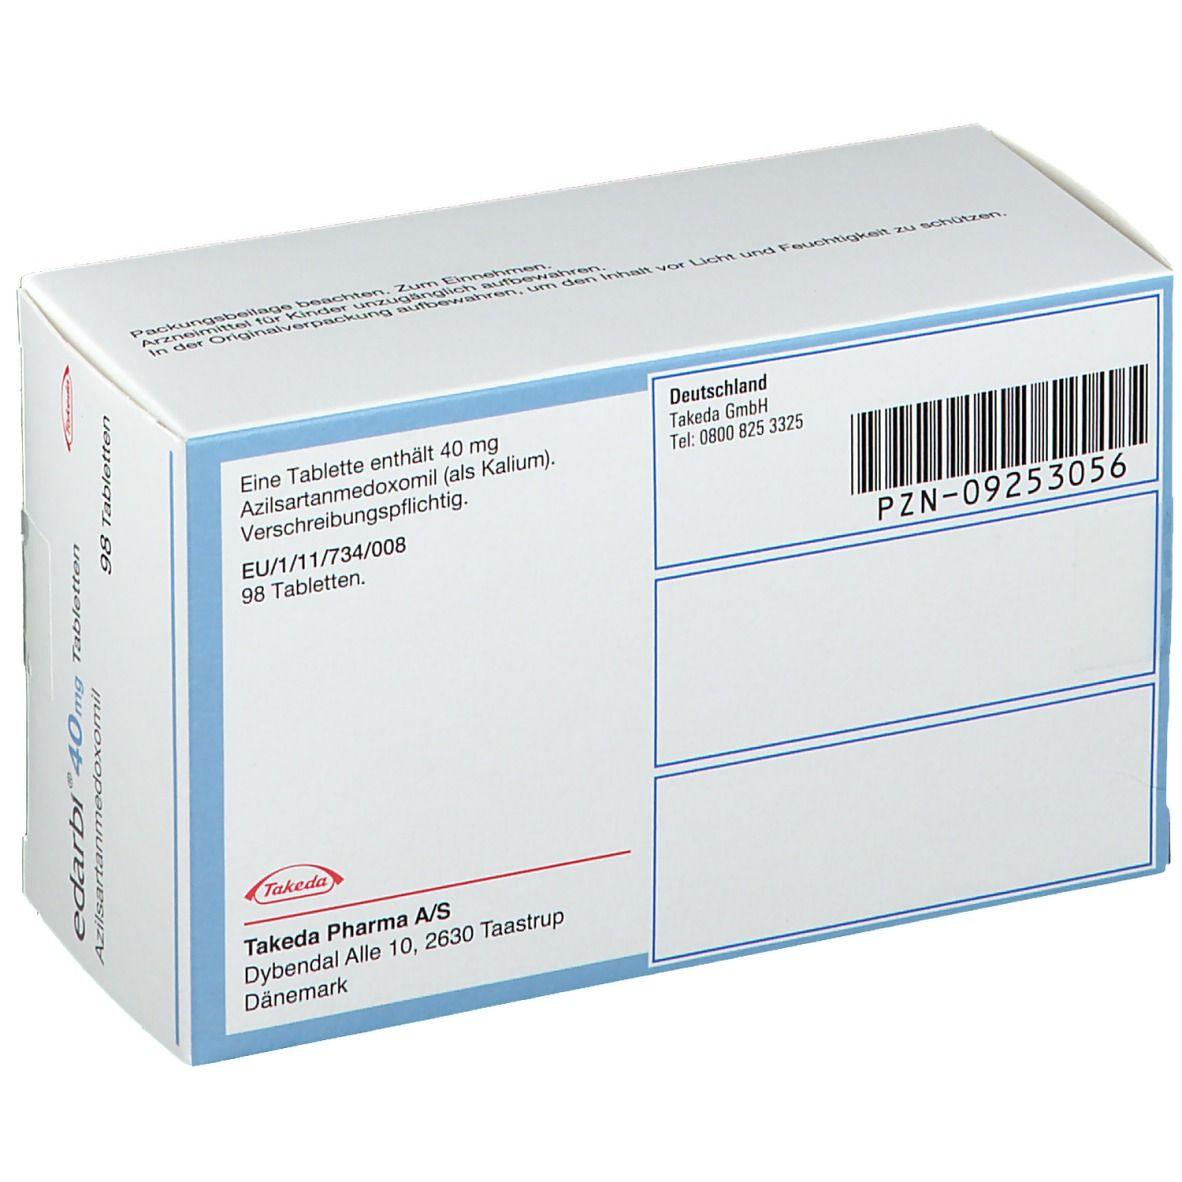 EDARBI 40 mg